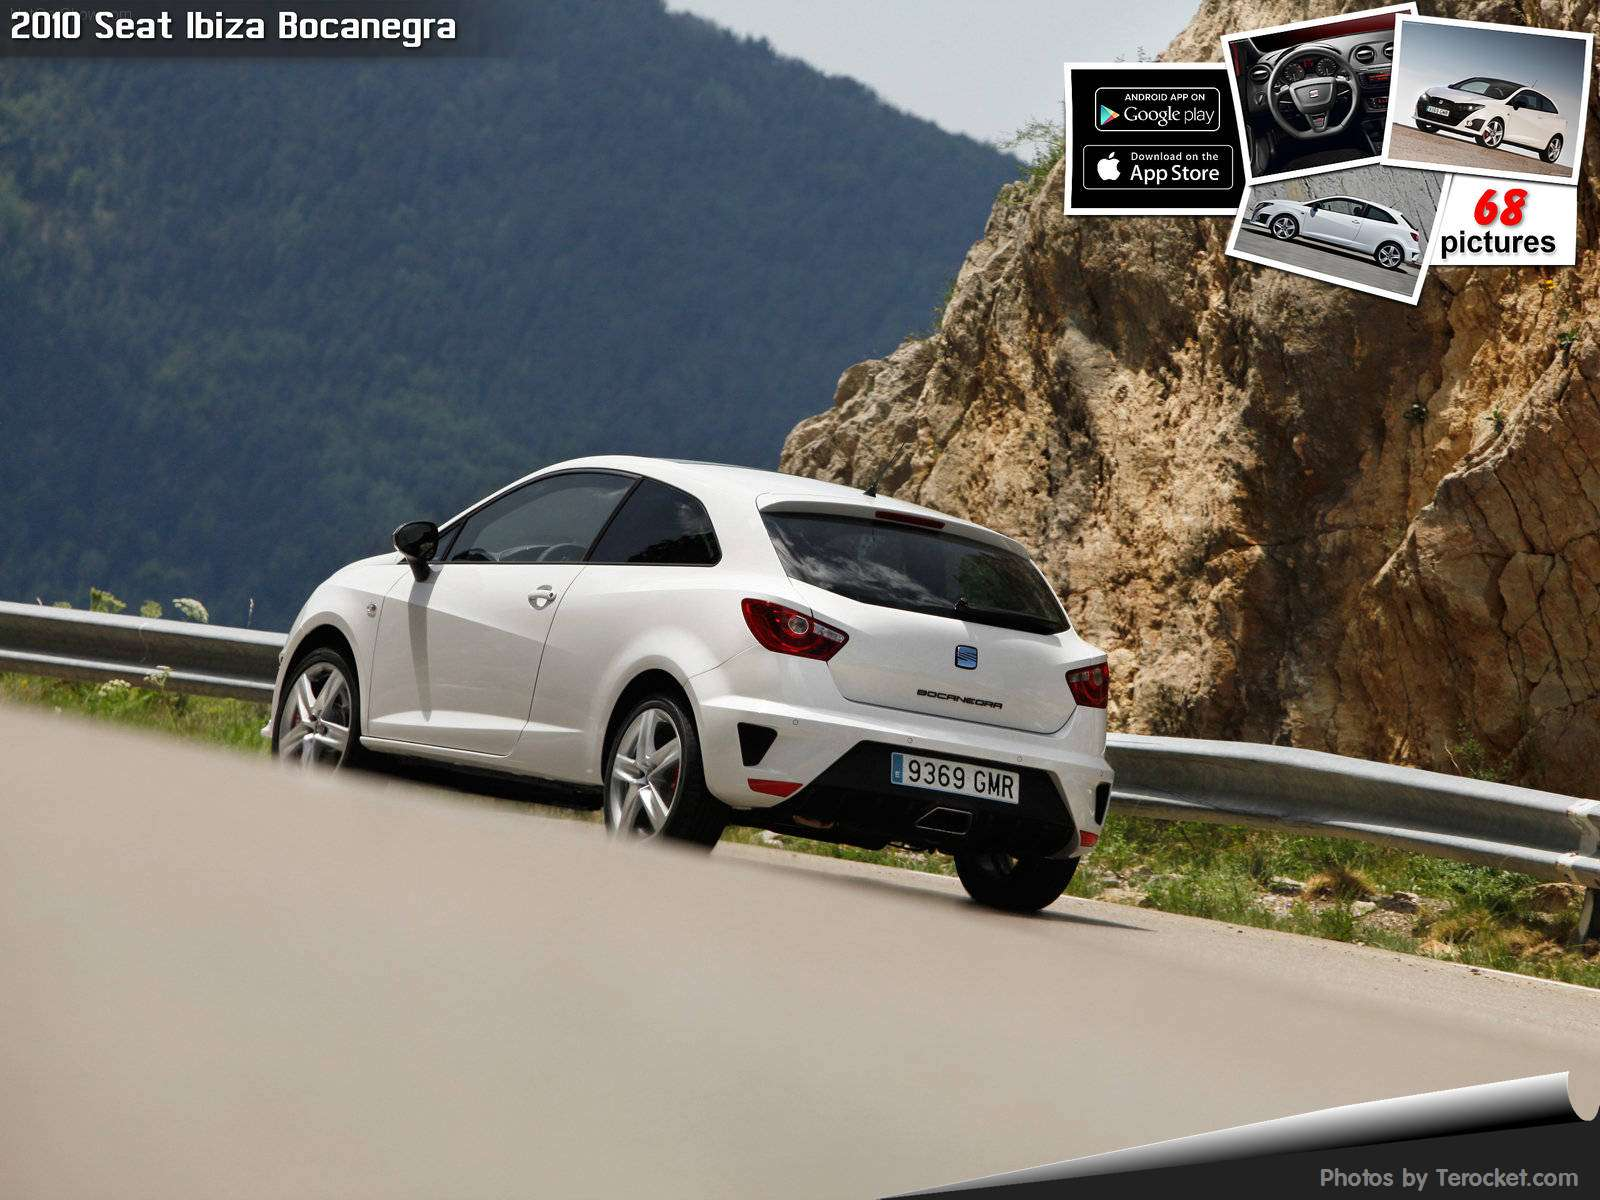 Hình ảnh xe ô tô Seat Ibiza Bocanegra 2010 & nội ngoại thất